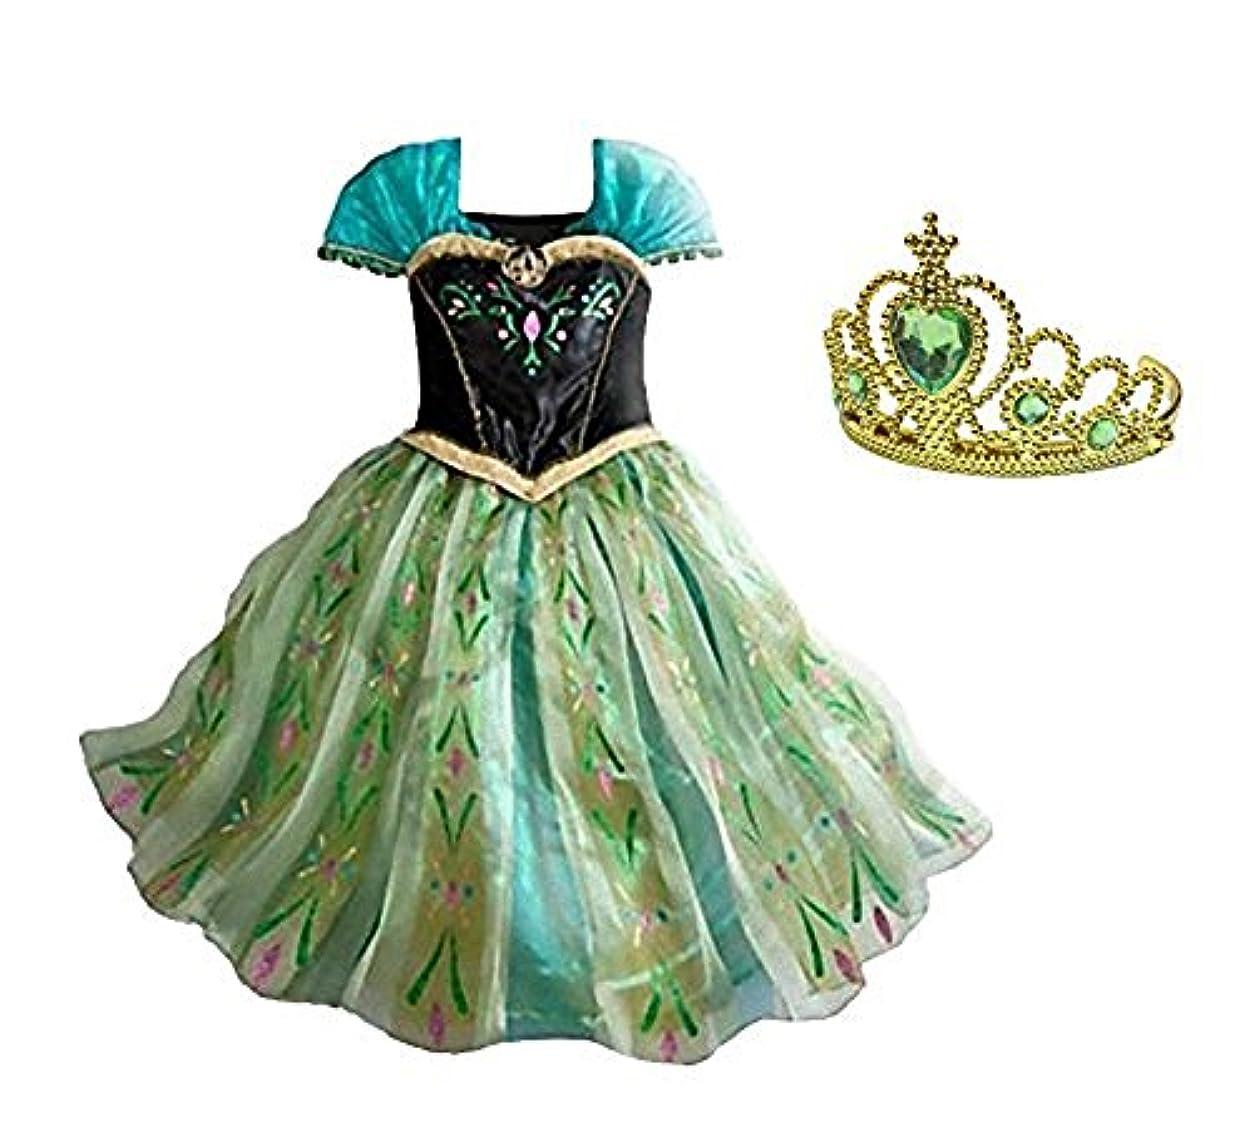 セクタ小売劇的CREDIBLE 子供用 プリンセスドレス , 可愛いハートのティアラ , CREDIBLEオリジナルグッズ 3点 セット (グリーン) 120cm NT372A